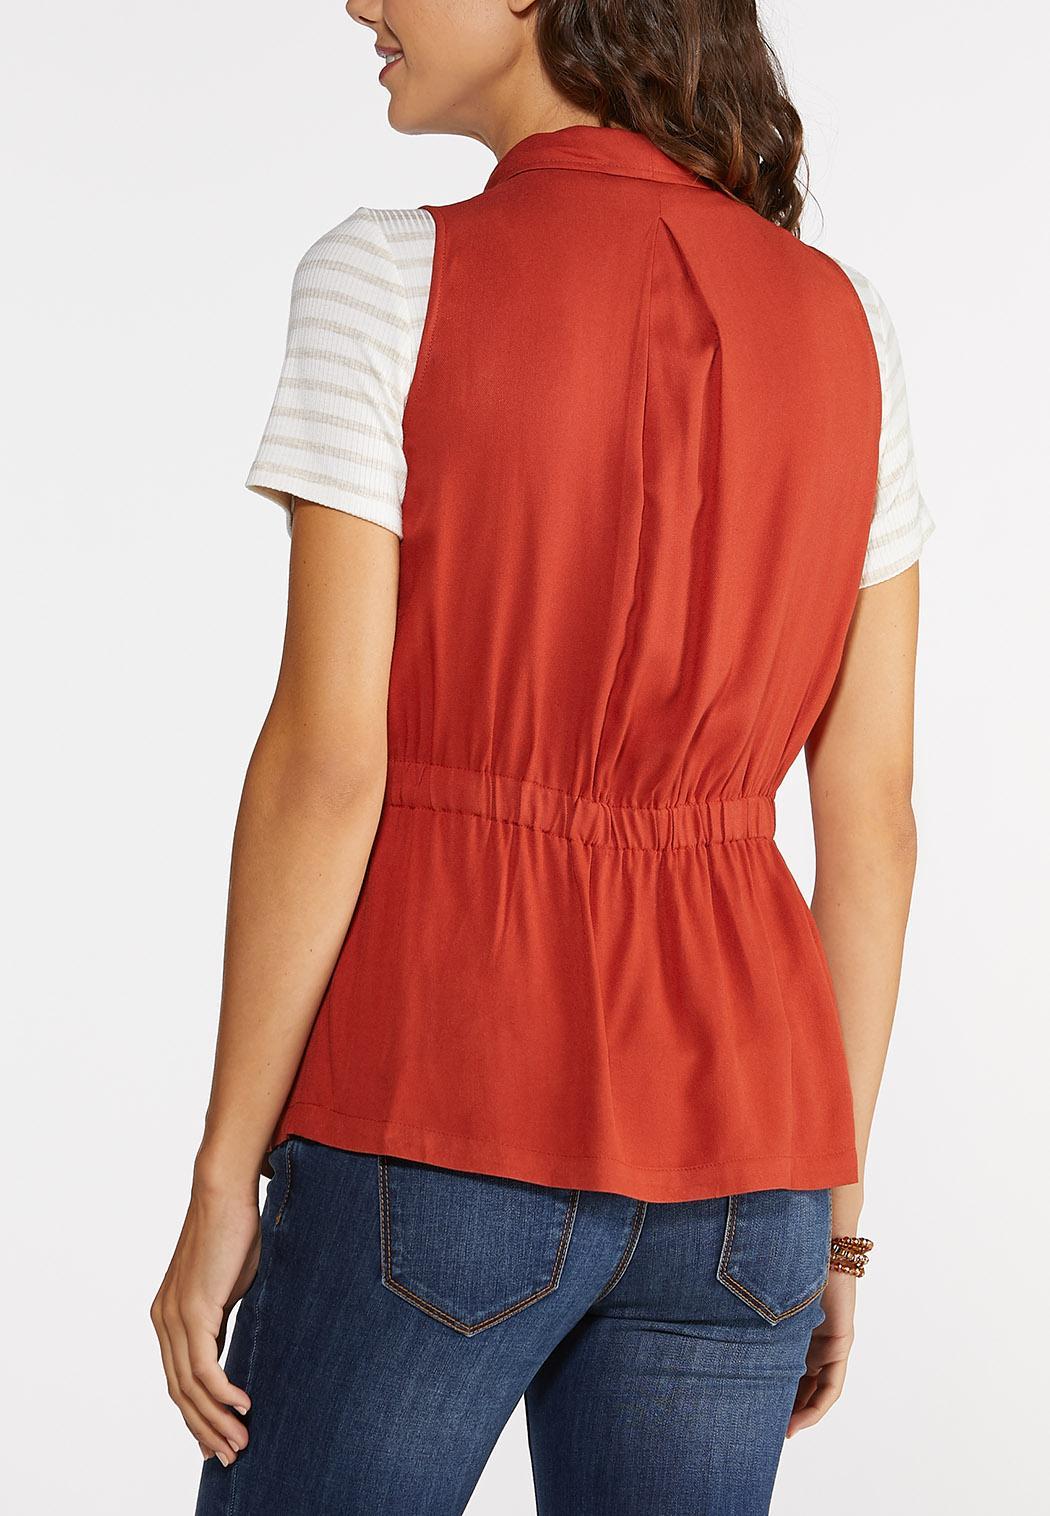 Plus Size Crochet Trim Vest (Item #43958200)